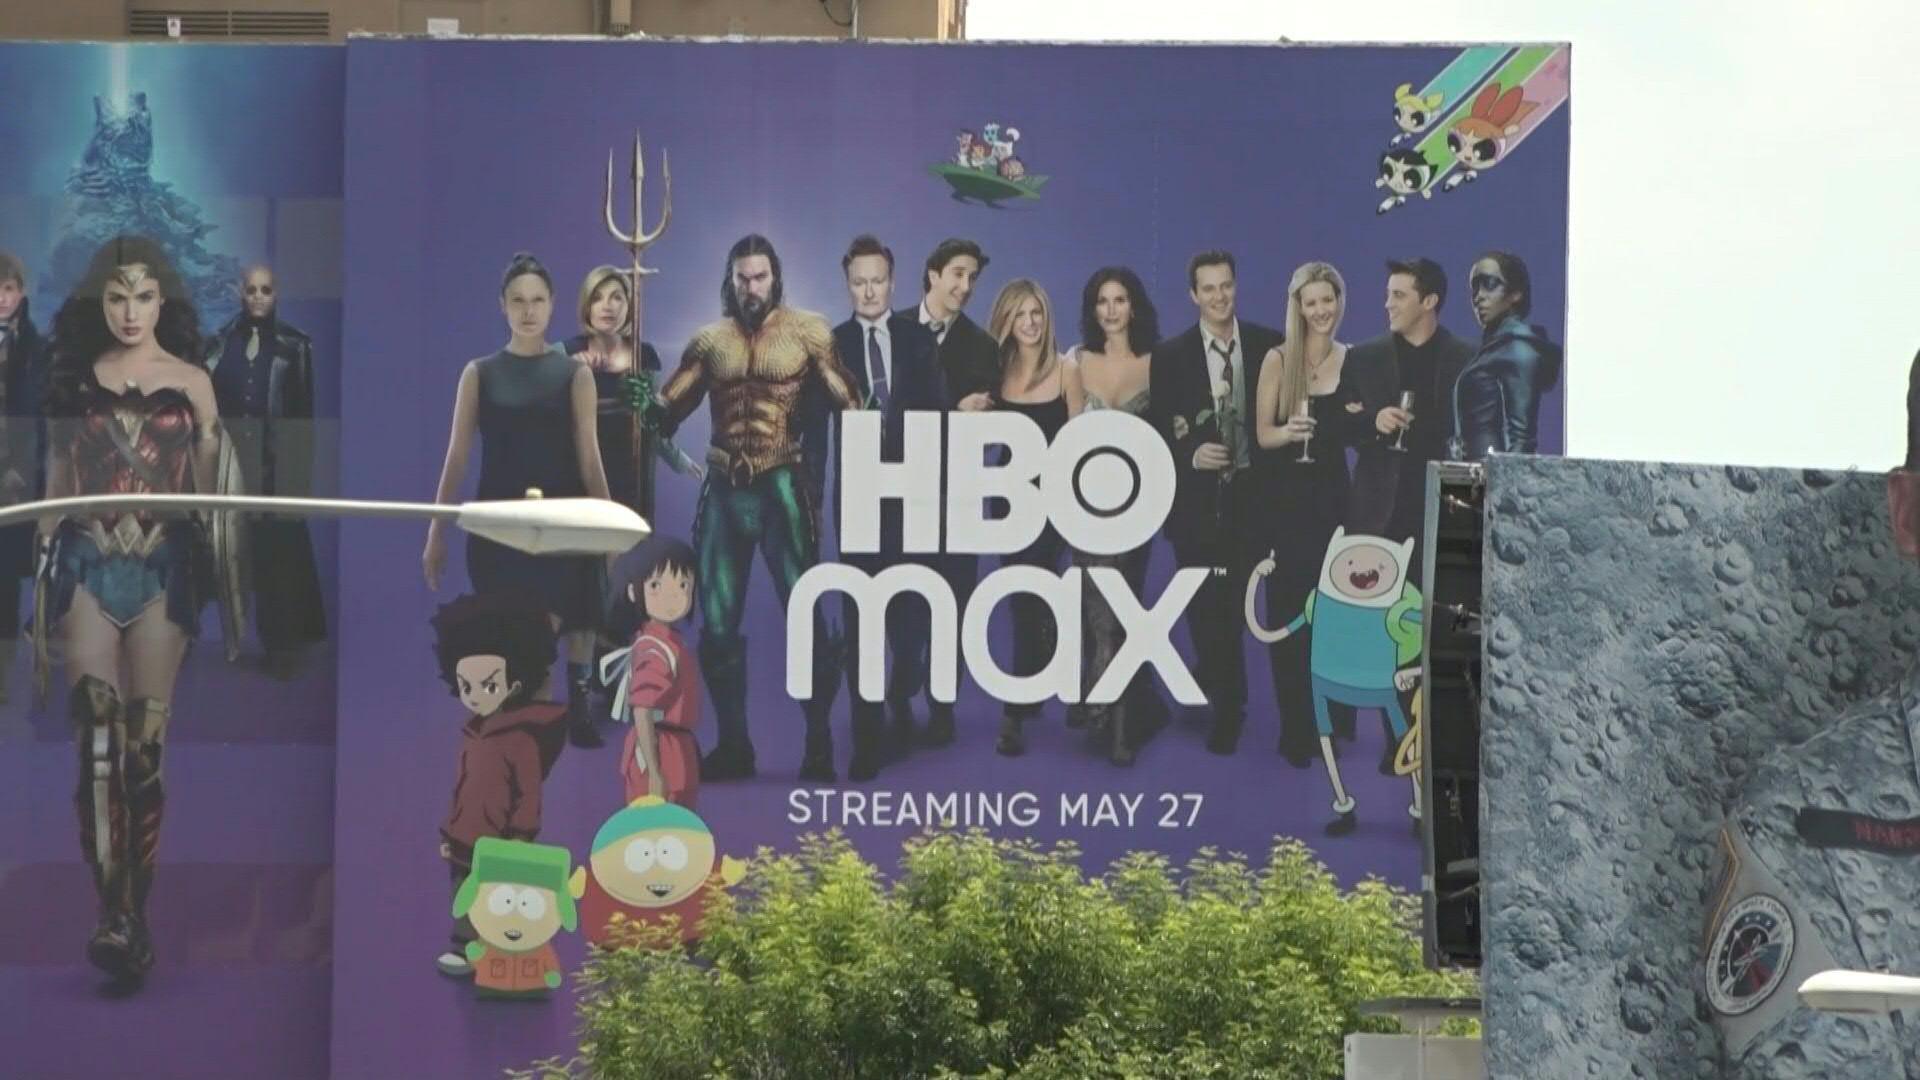 Llega HBO Max: lo que debes saber